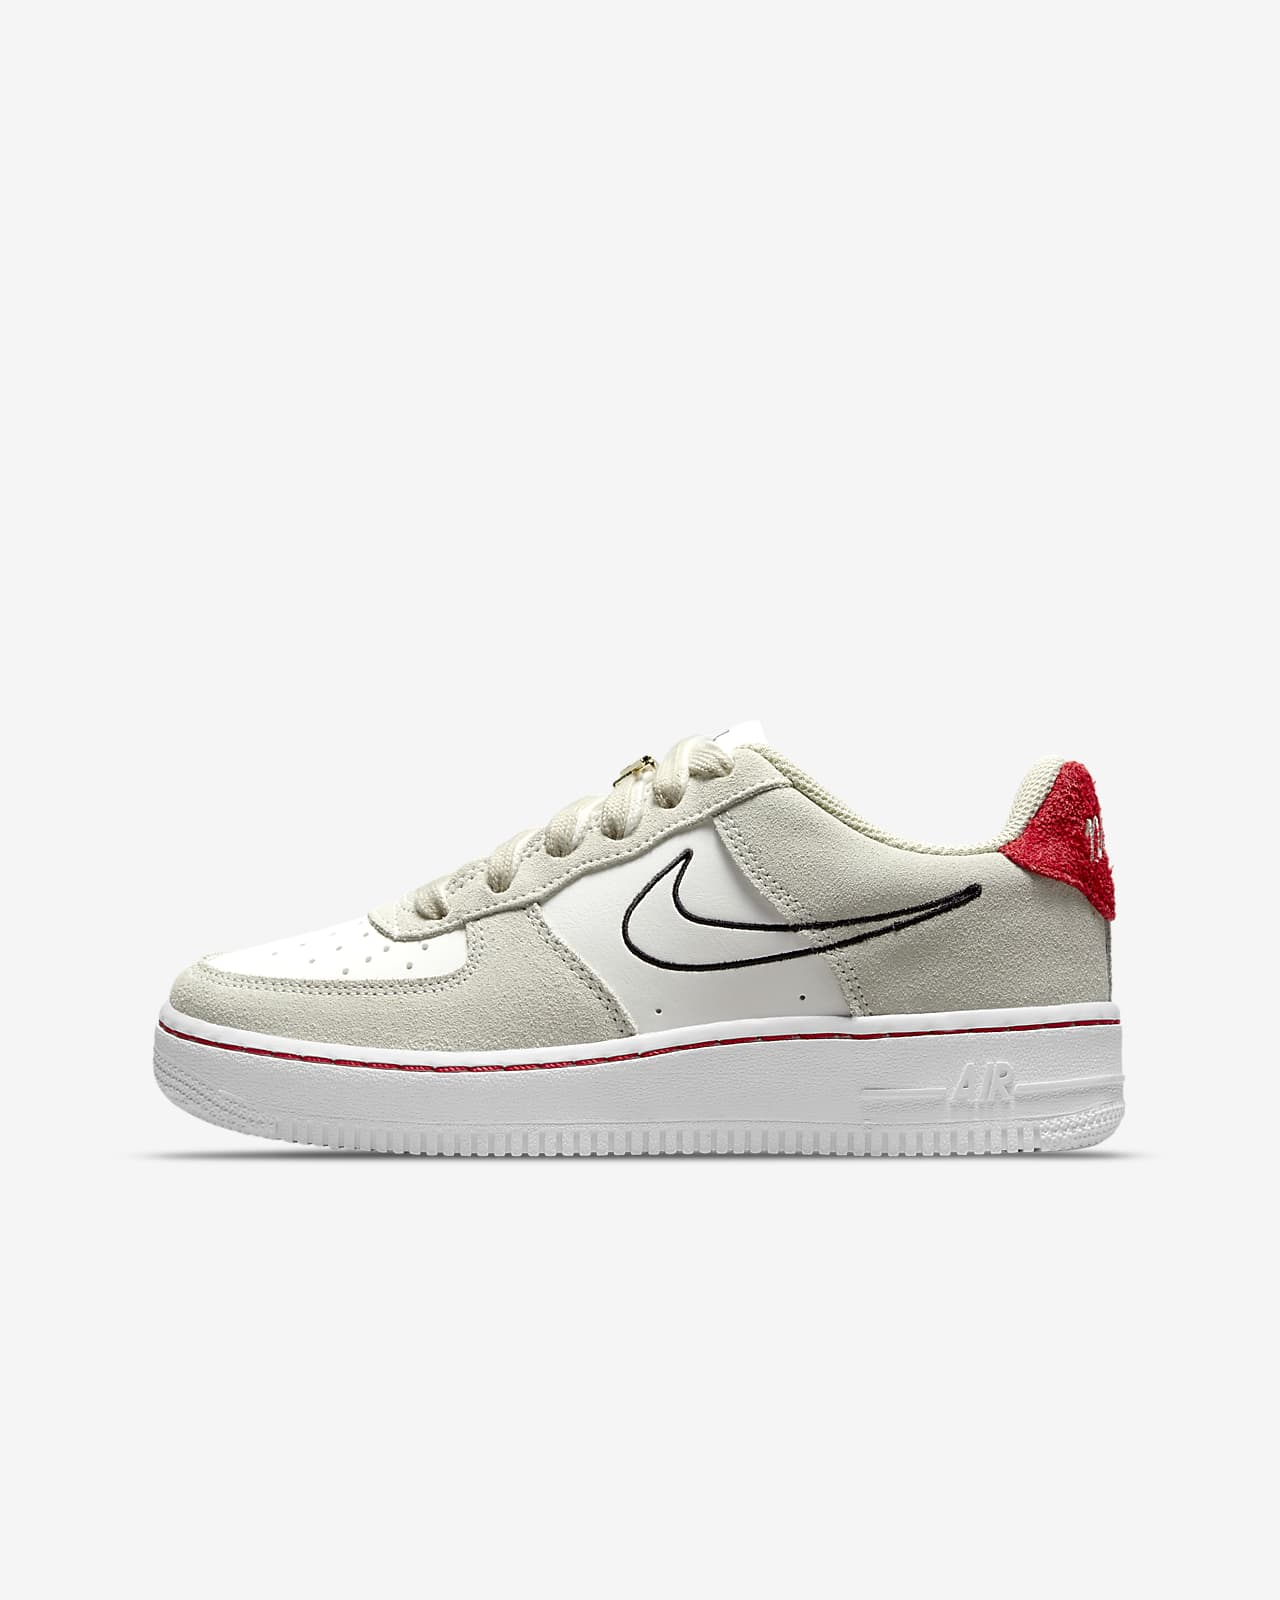 Chaussure Nike Air Force 1 LV8 S50 pour Enfant plus âgé